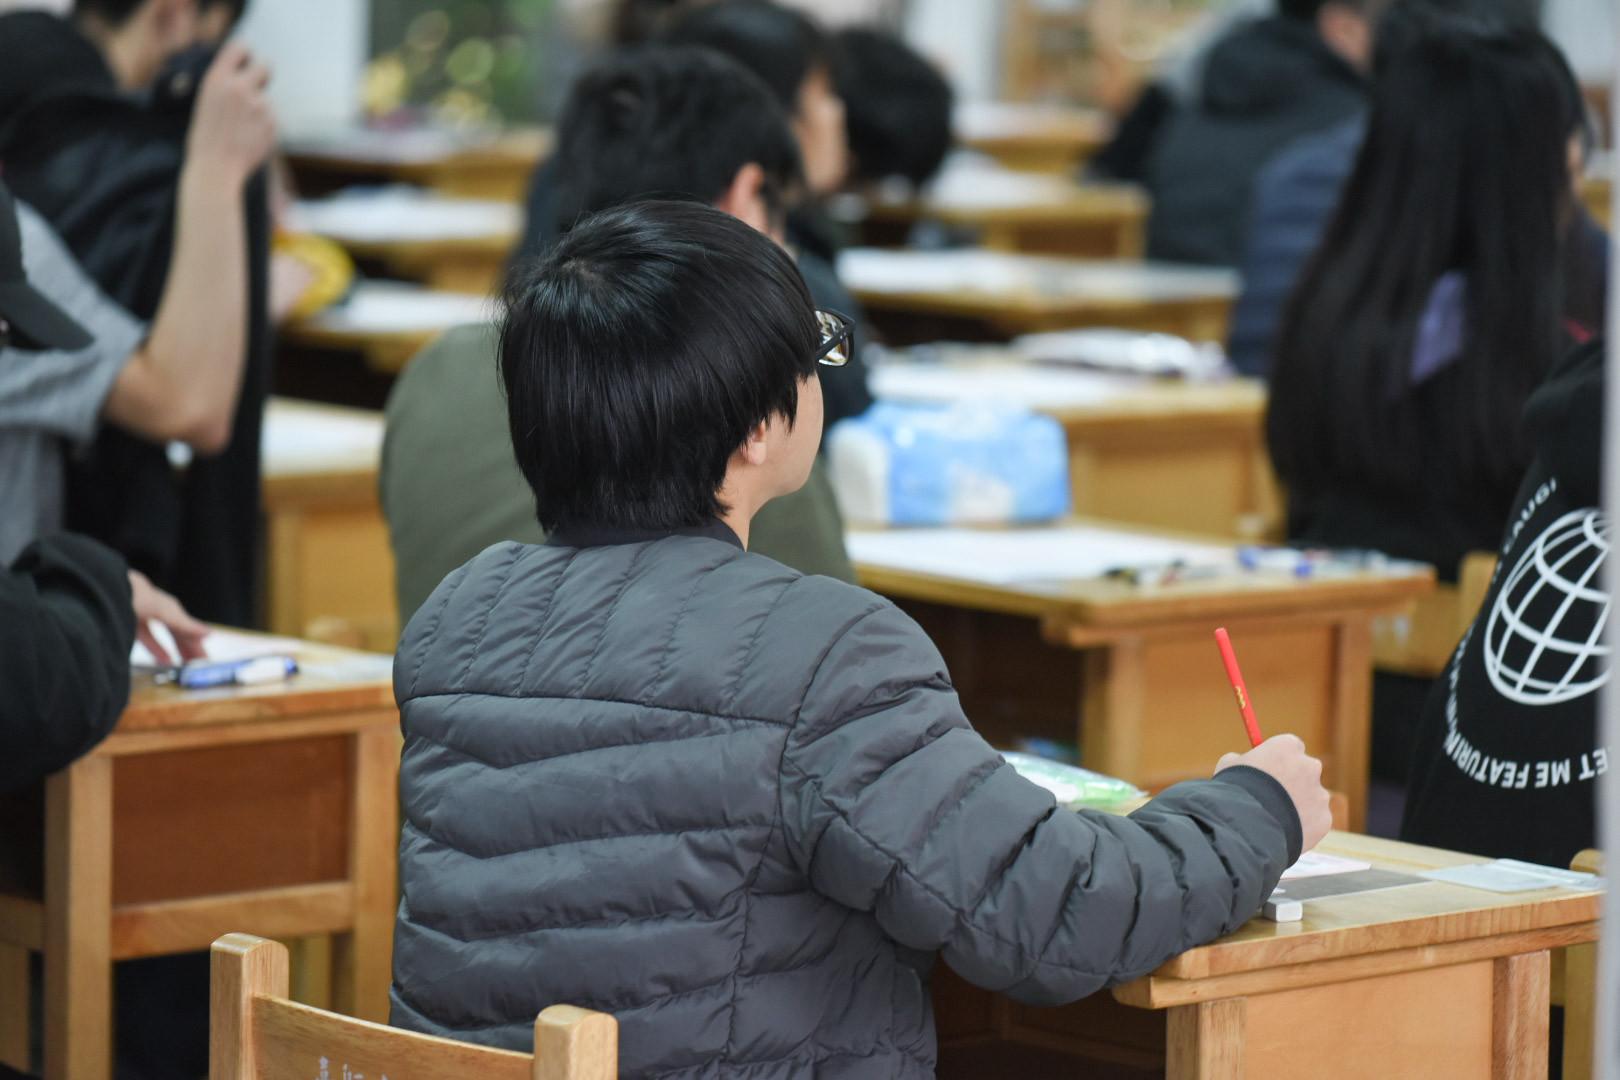 ▲大學學測,考生準備考試。(圖/記者林敬旻攝)